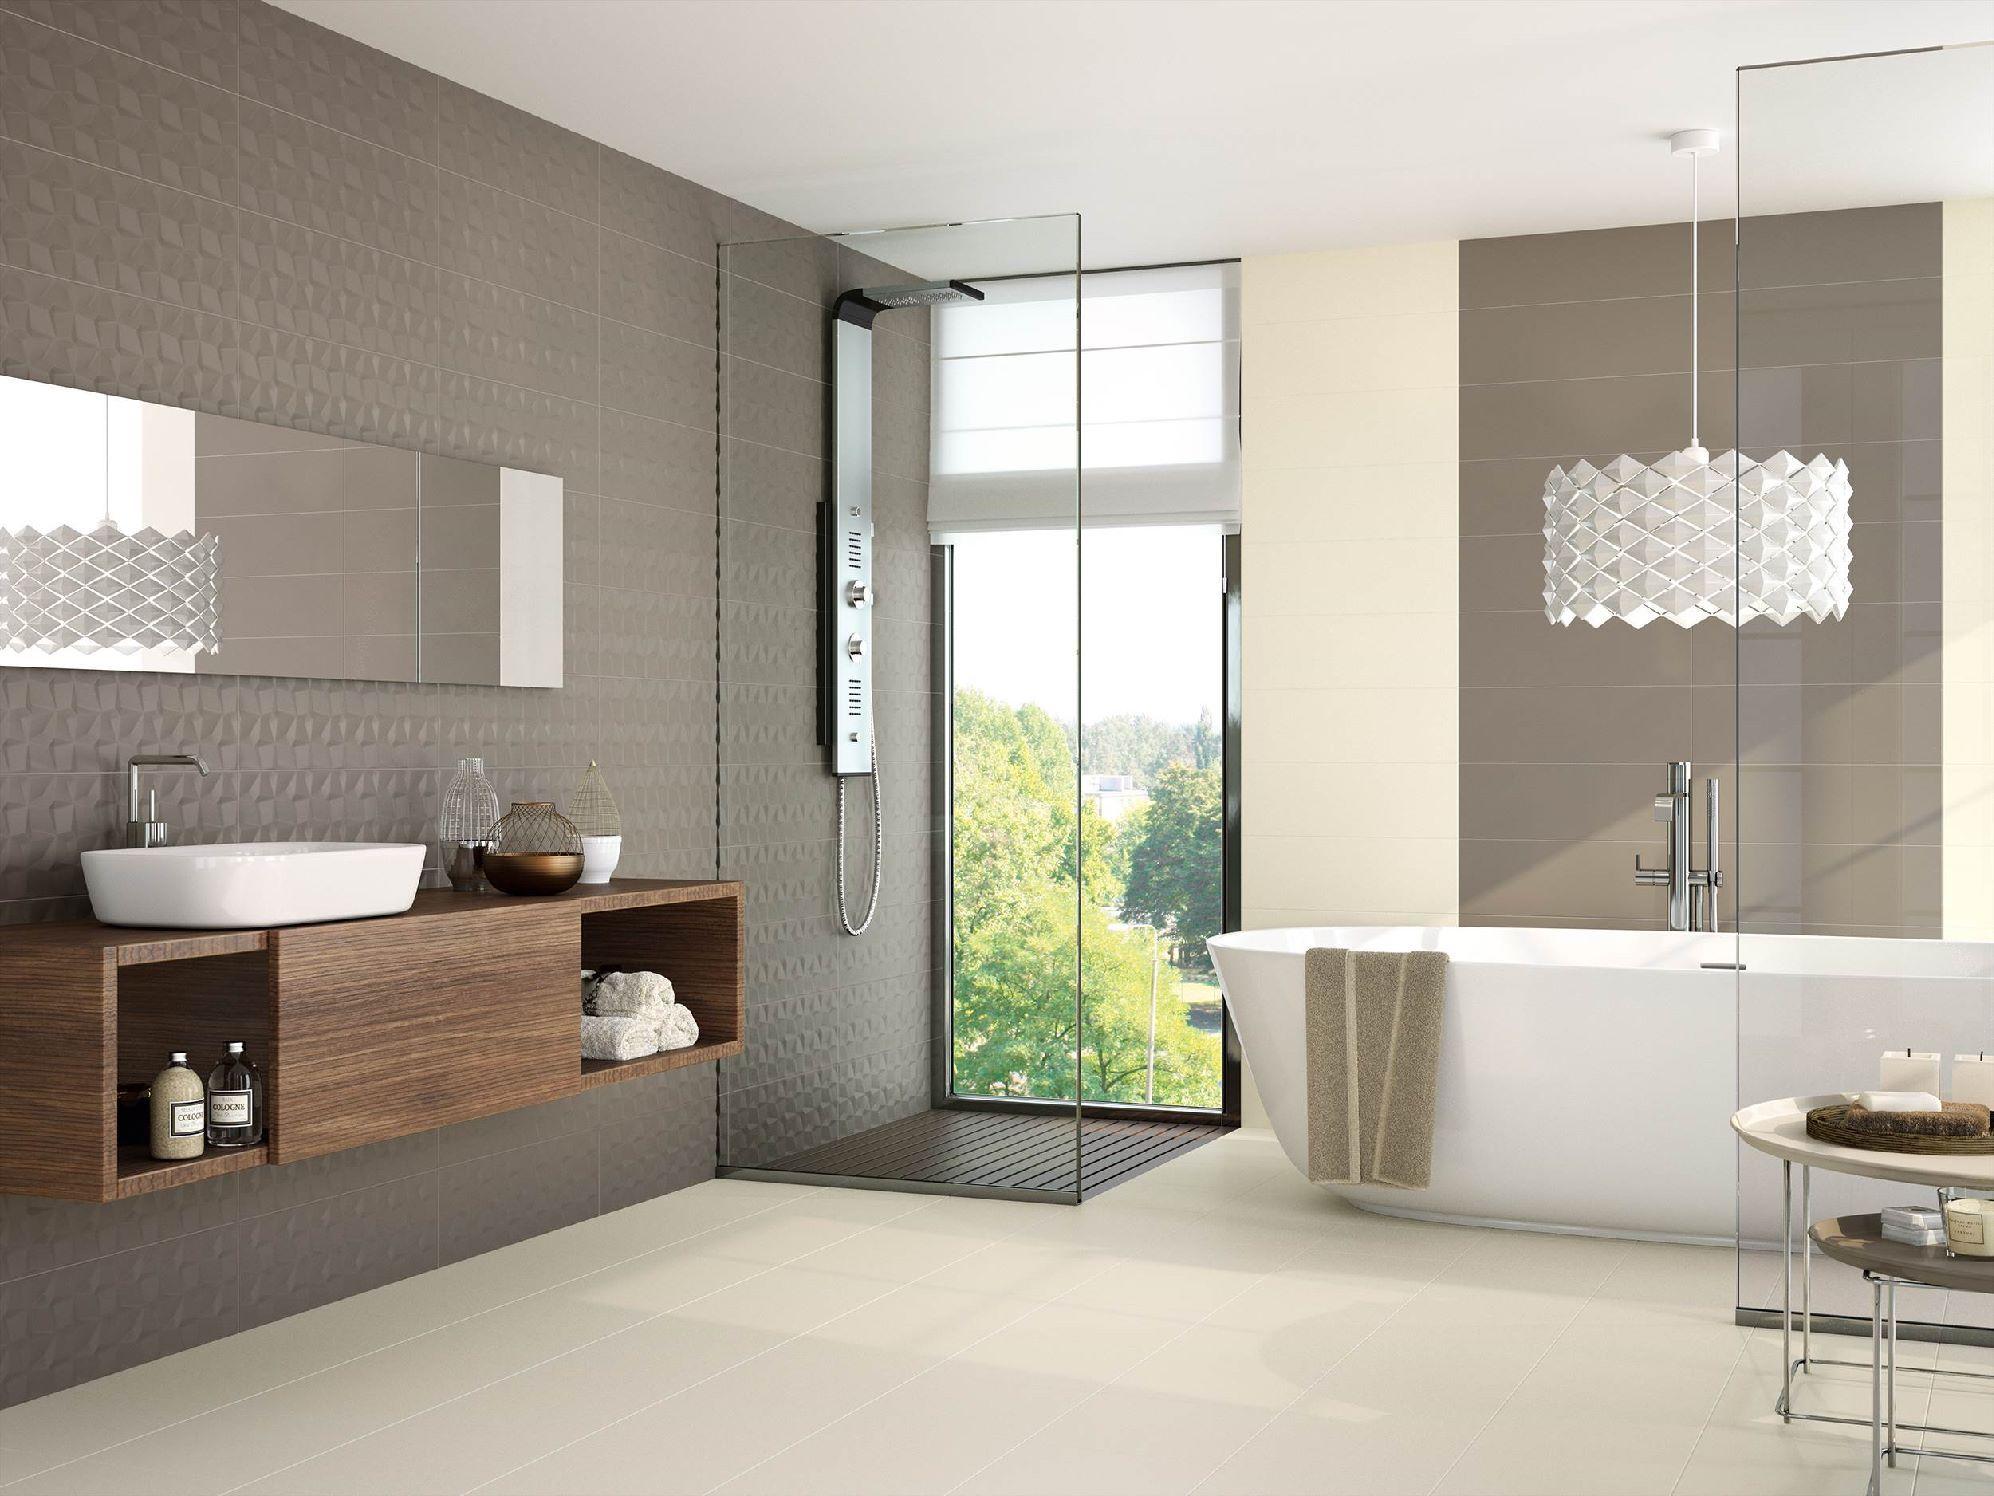 Cer mica saloni pavimentos revestimientos azulejos for Articulos para banos y cocinas